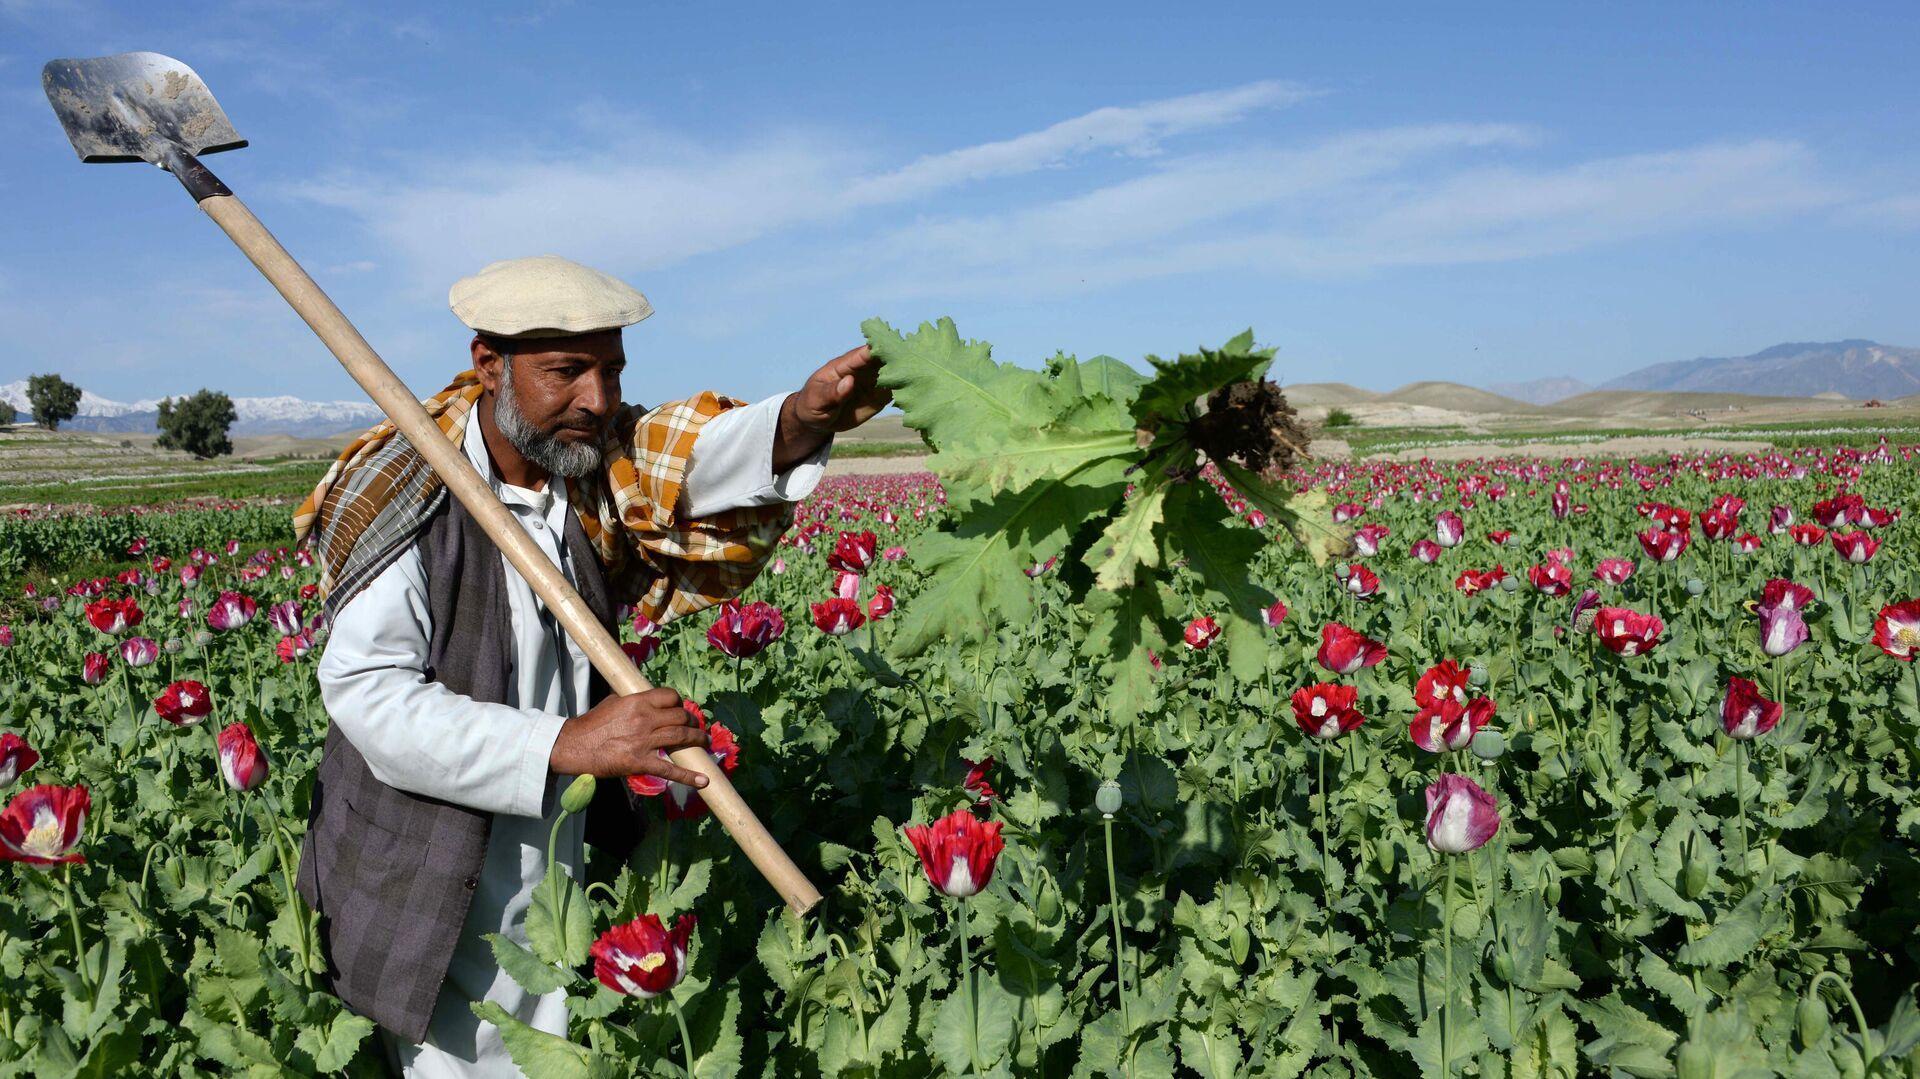 Наркотики, налоги и таинственные спонсоры. Откуда у талибов миллиарды